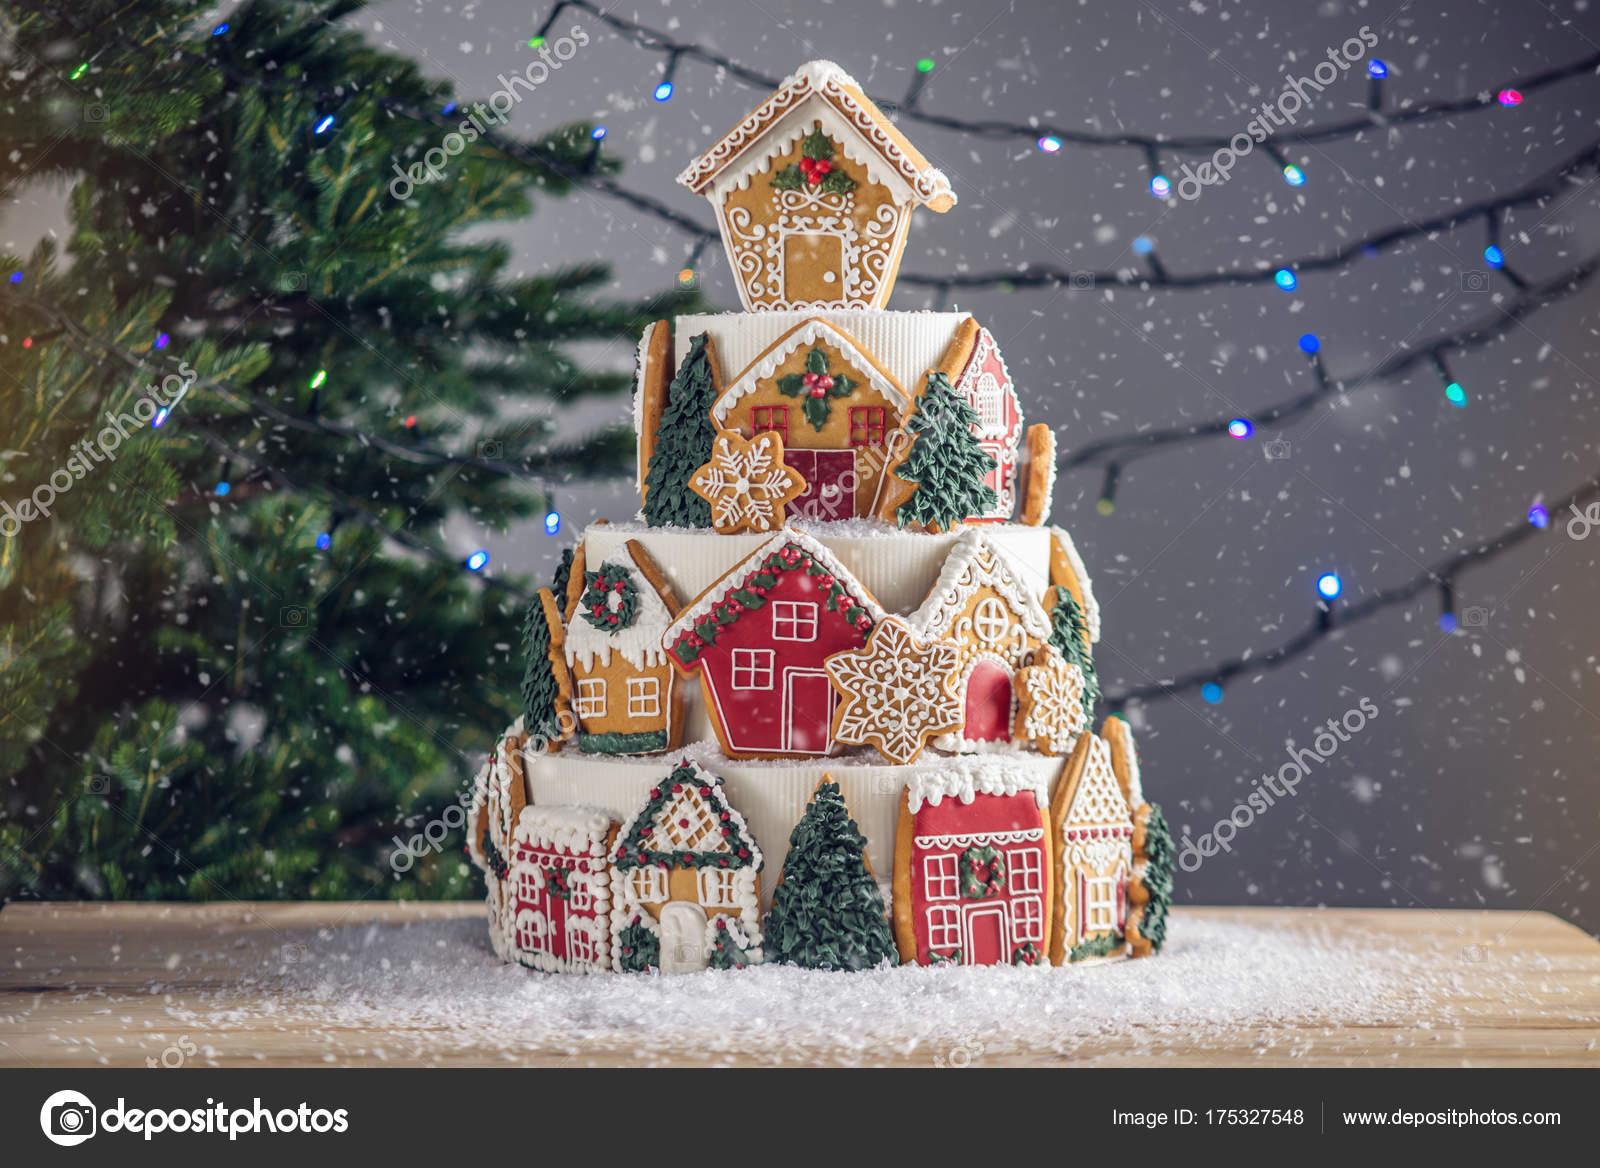 Grote trapsgewijze kerst cake versierd met gingerbread koekjes en